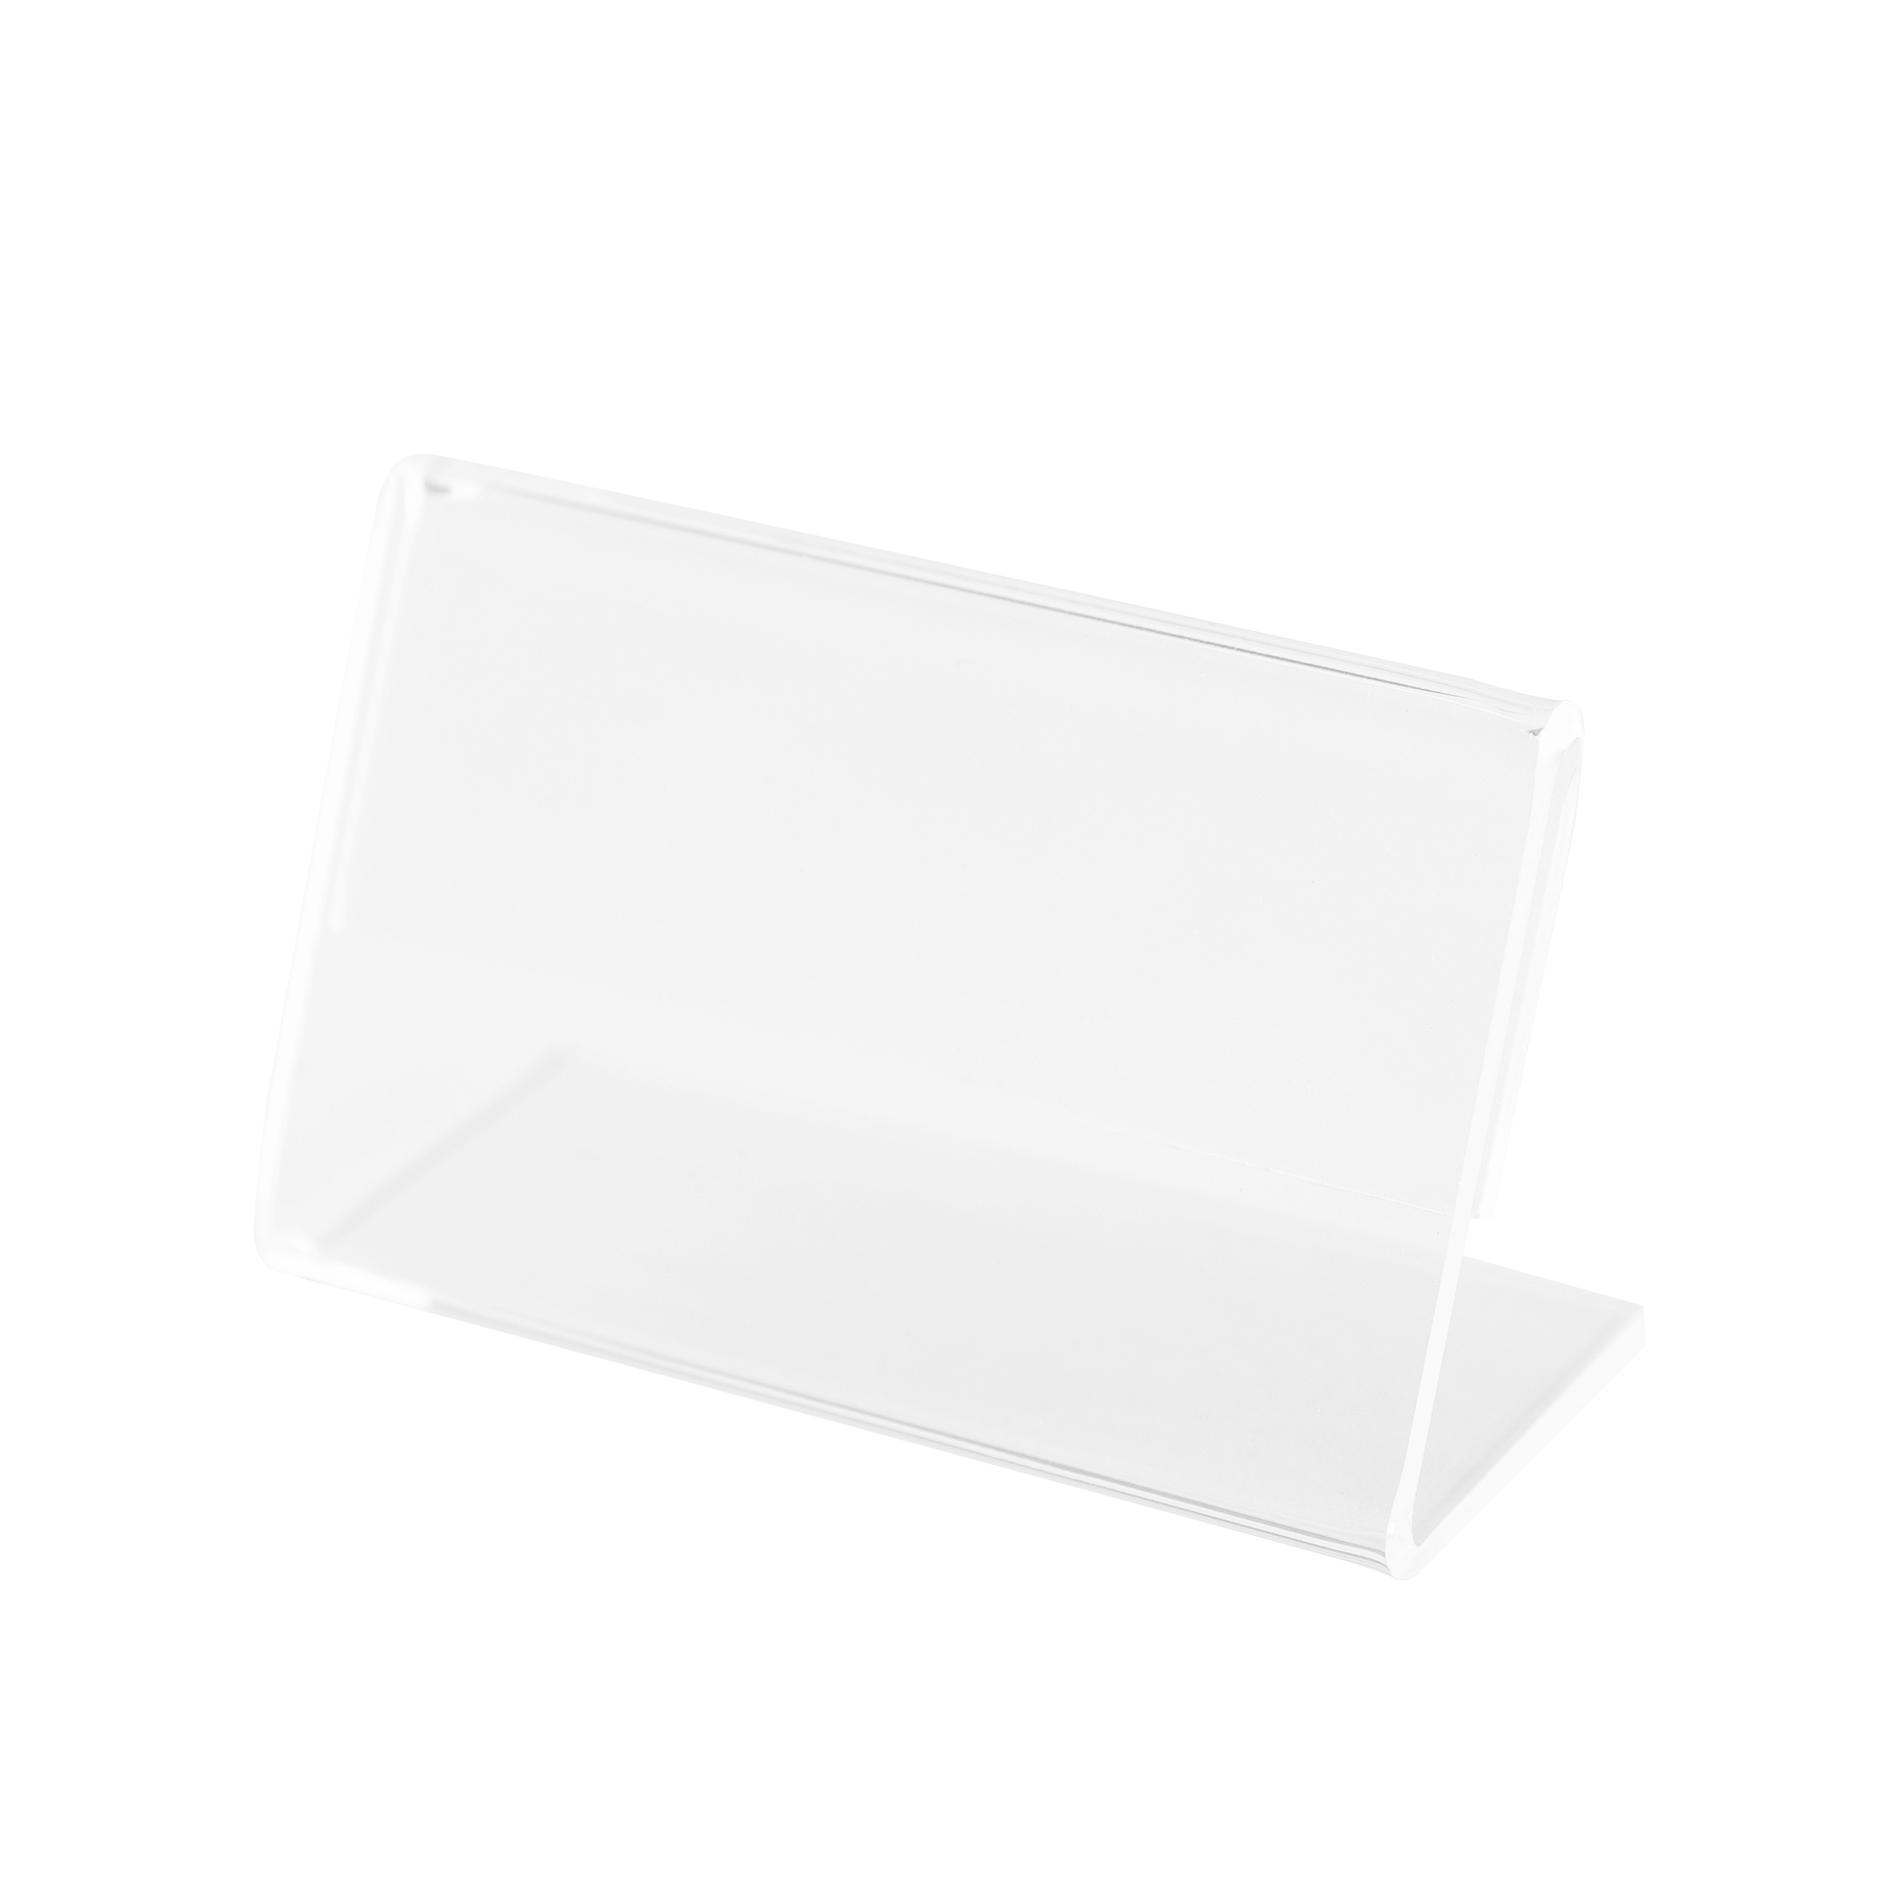 Kit Porta Preço Transparente 7x4,5cm - 30 Unidades